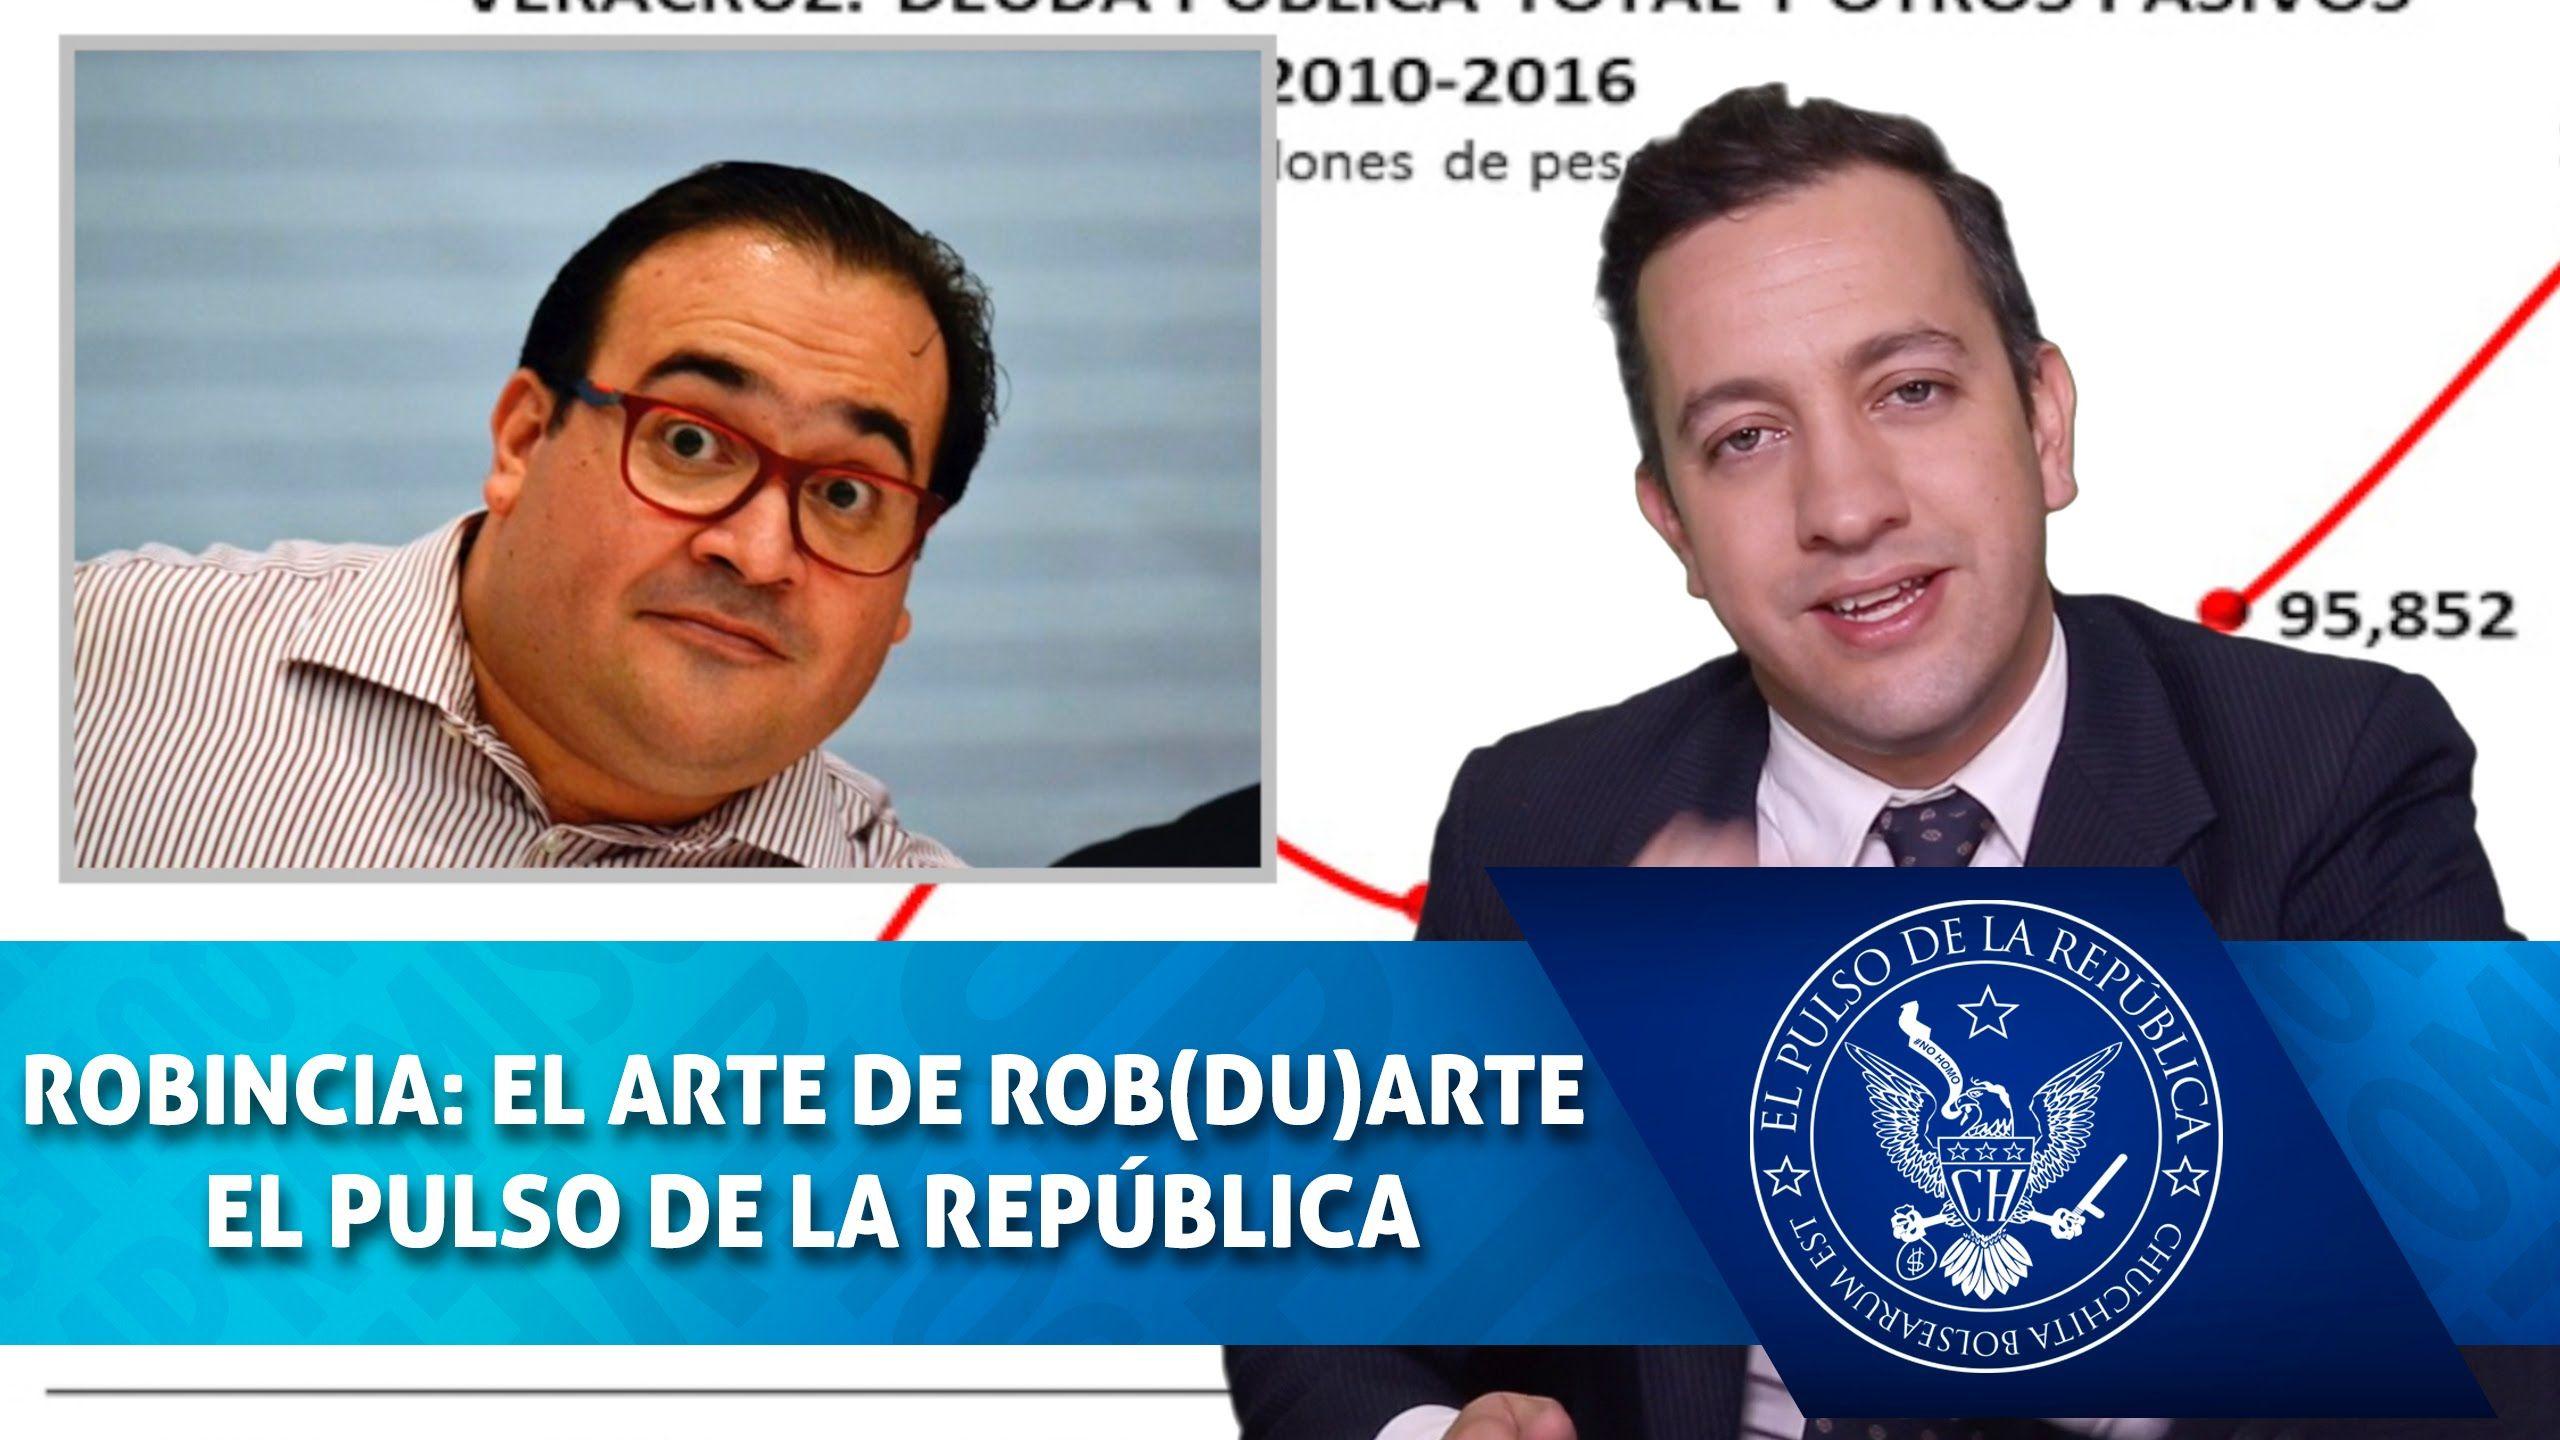 ROBINCIA: EL ARTE DE ROB(DU)ARTE - EL PULSO DE LA REPÚBLICA